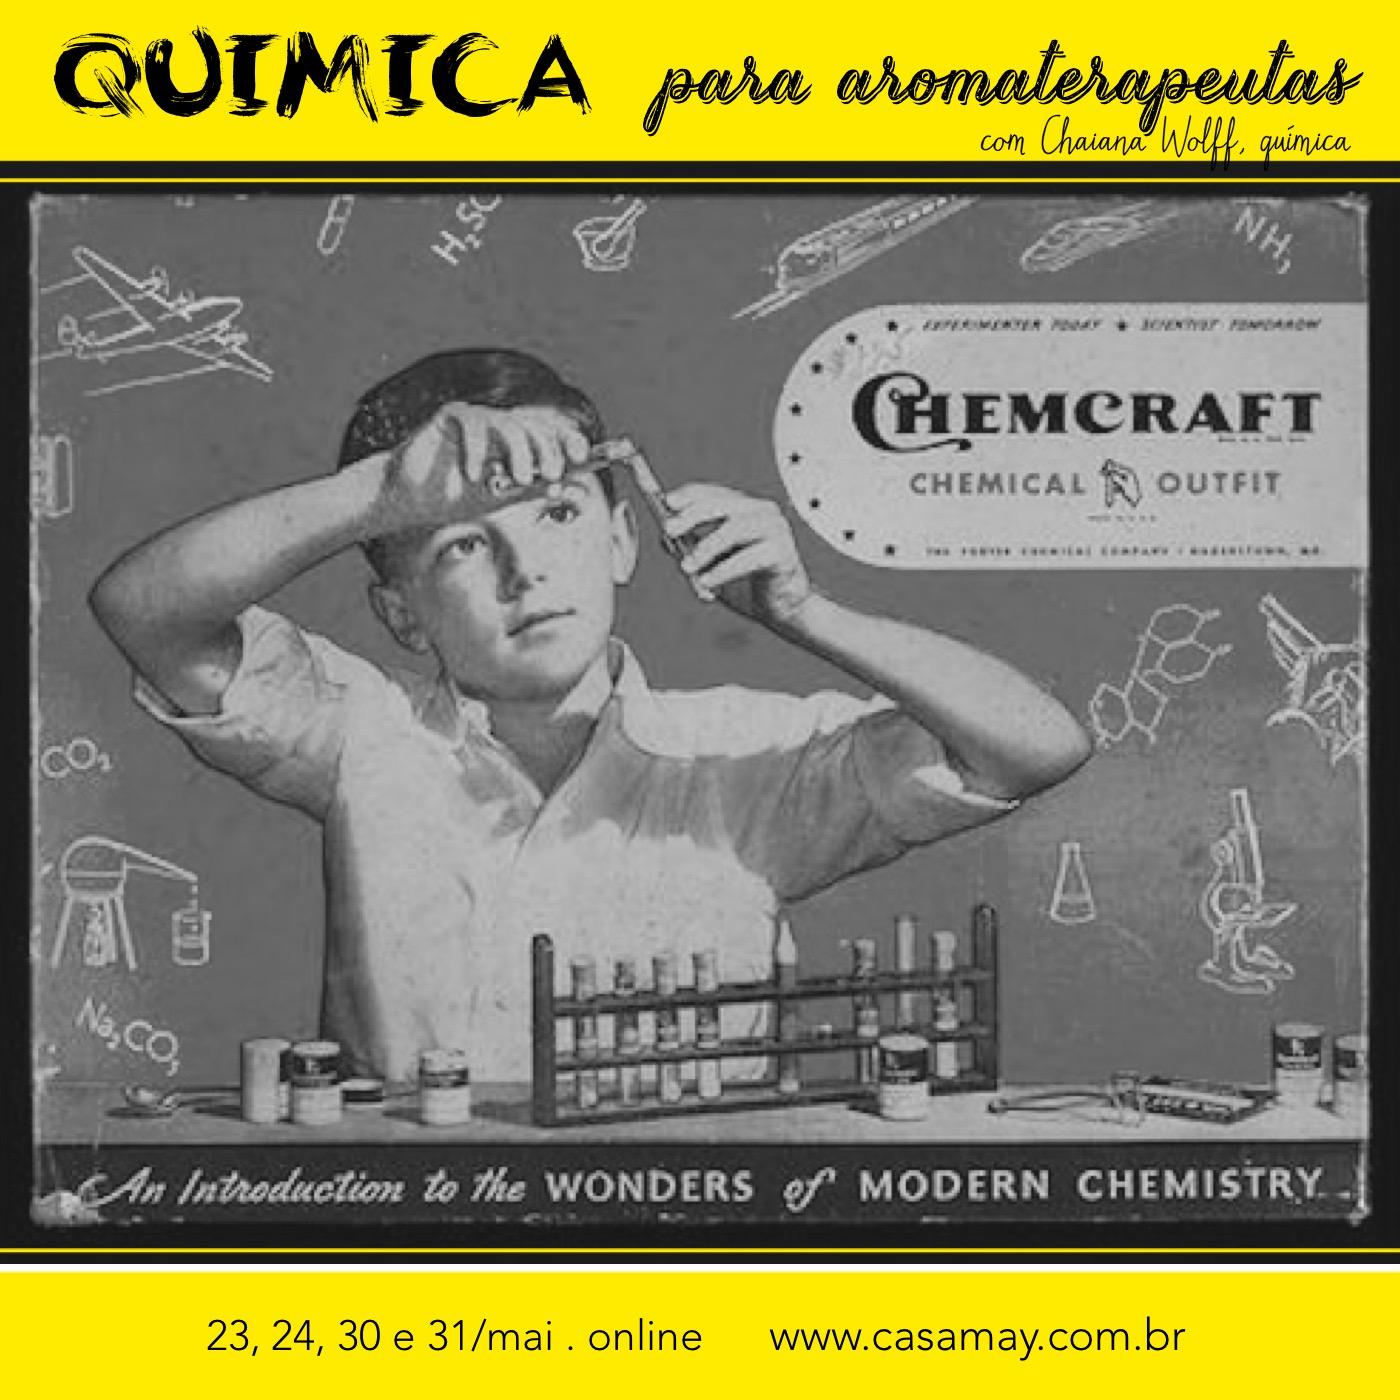 Quimica Aromaterapeutas amarelo